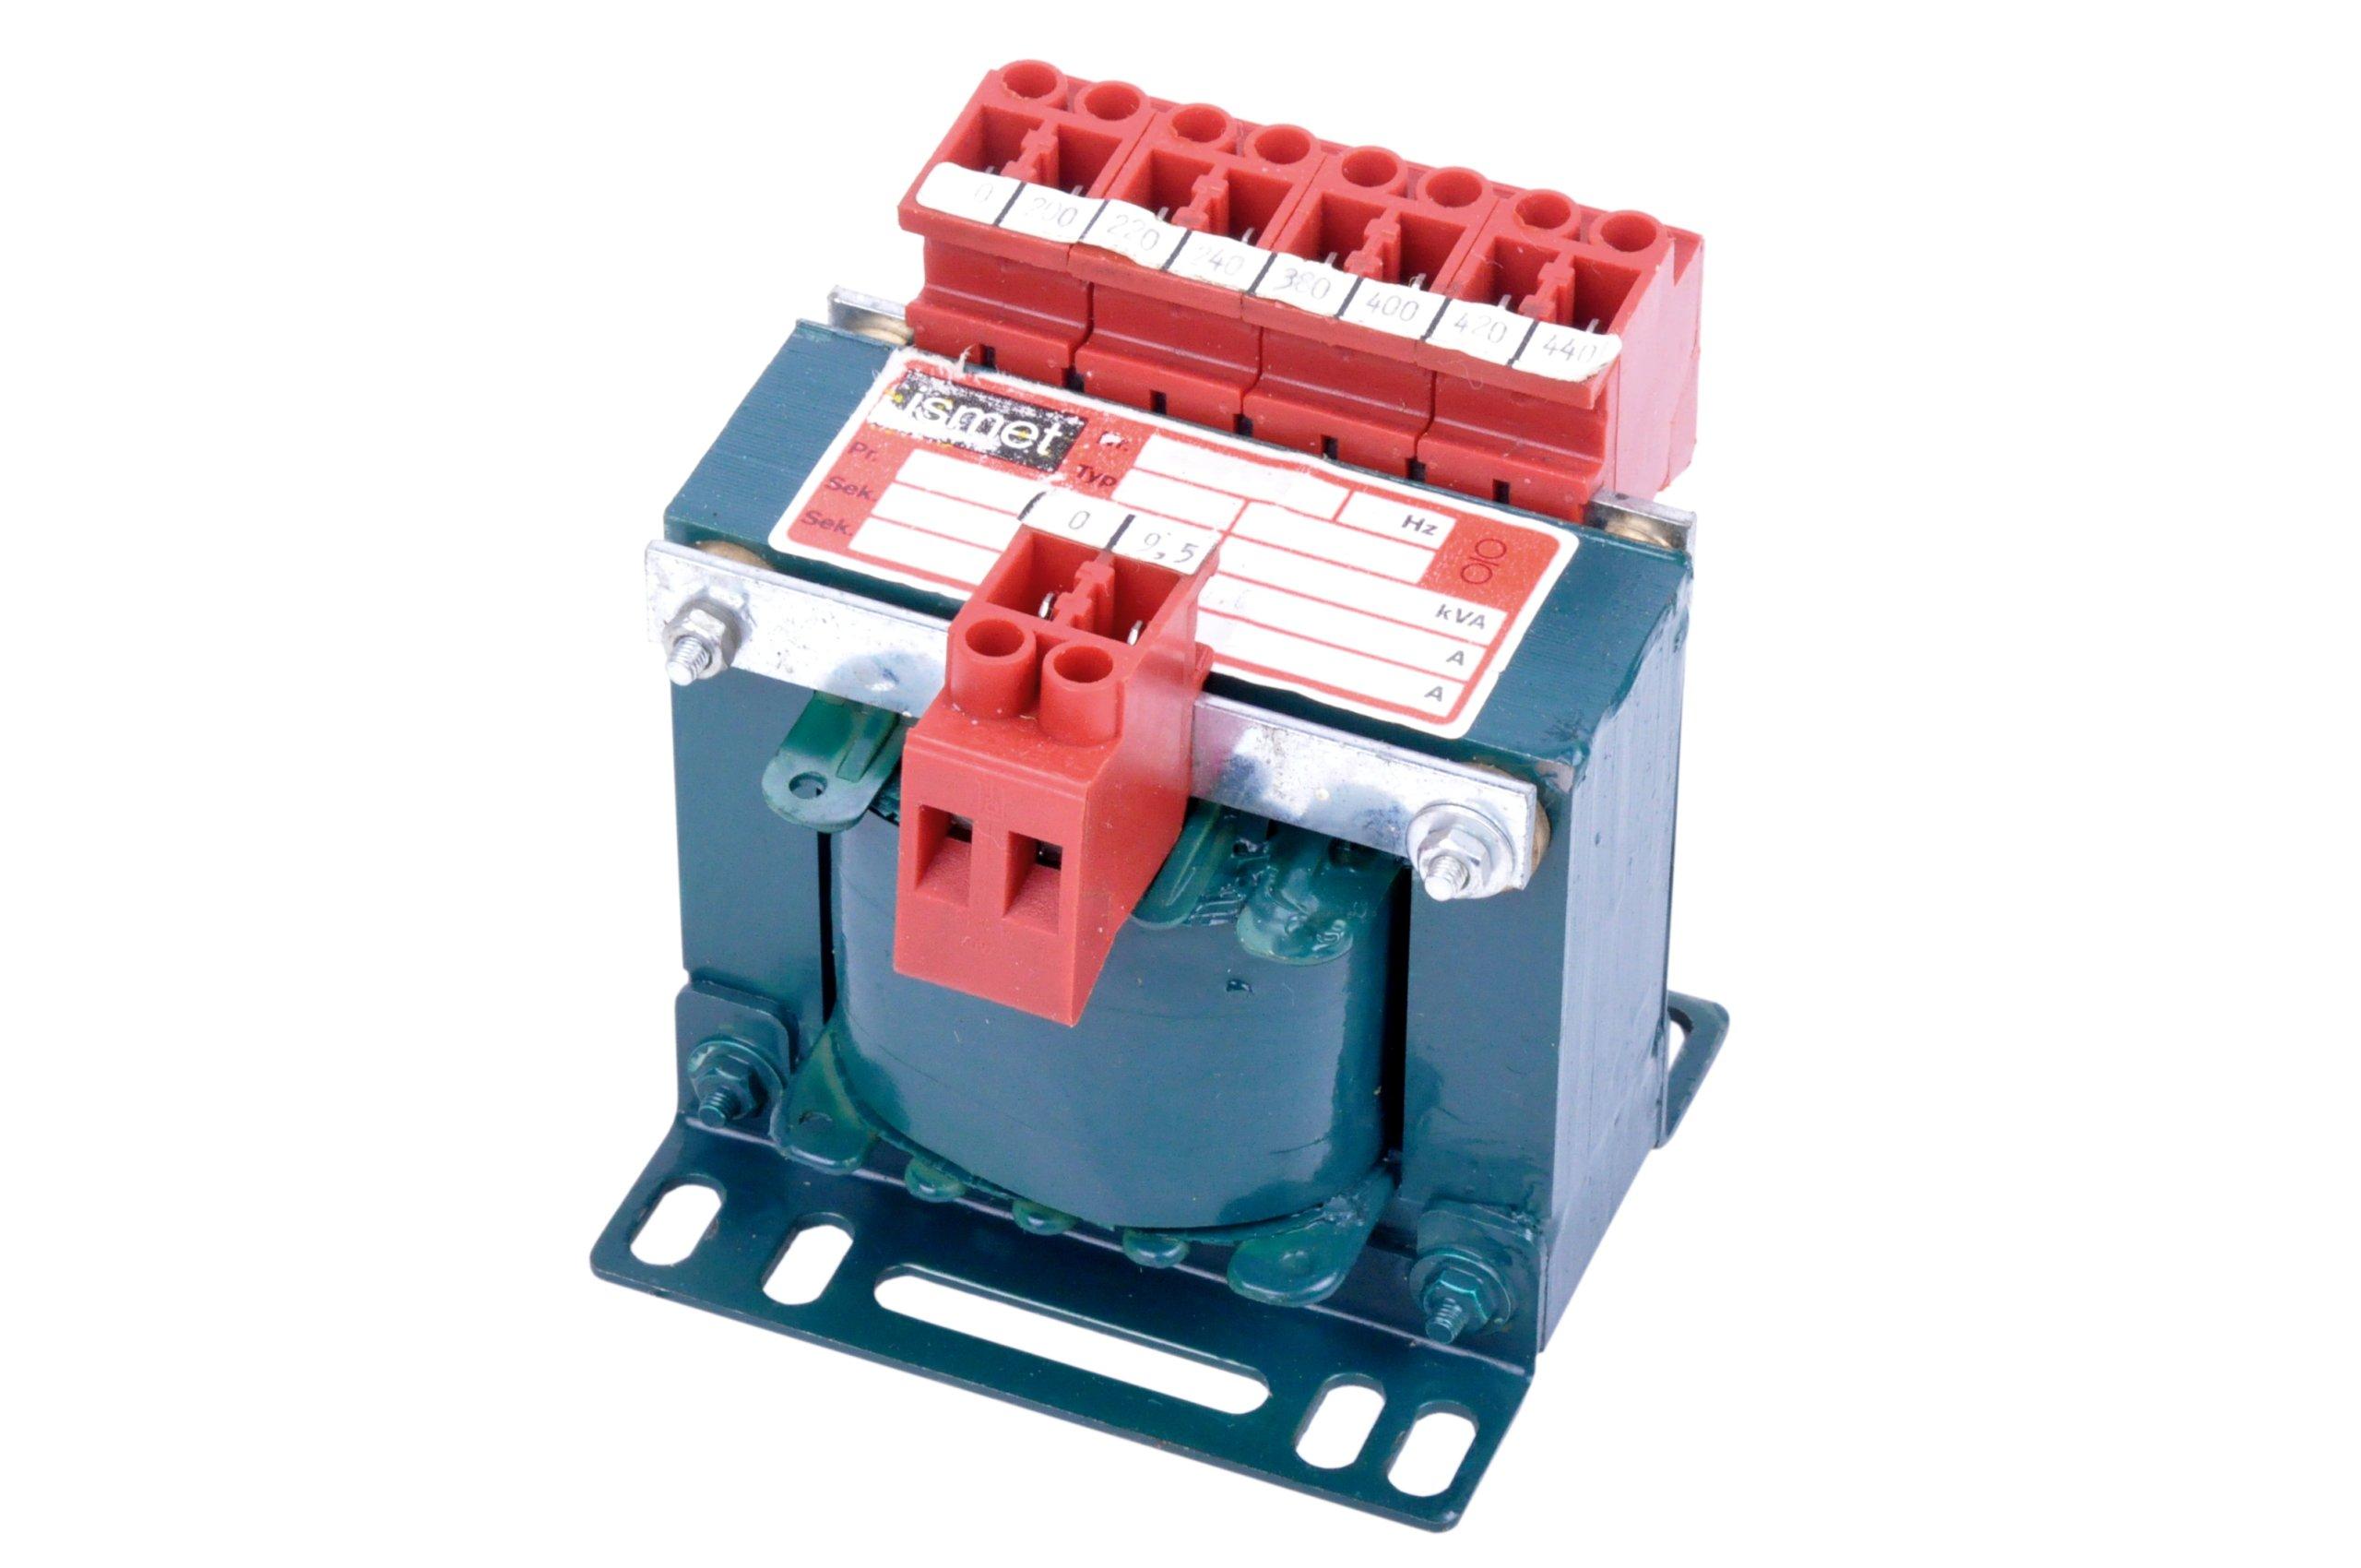 Ismet transformátor 200-440 V / 9,5V, 63 VA, 6.6 A